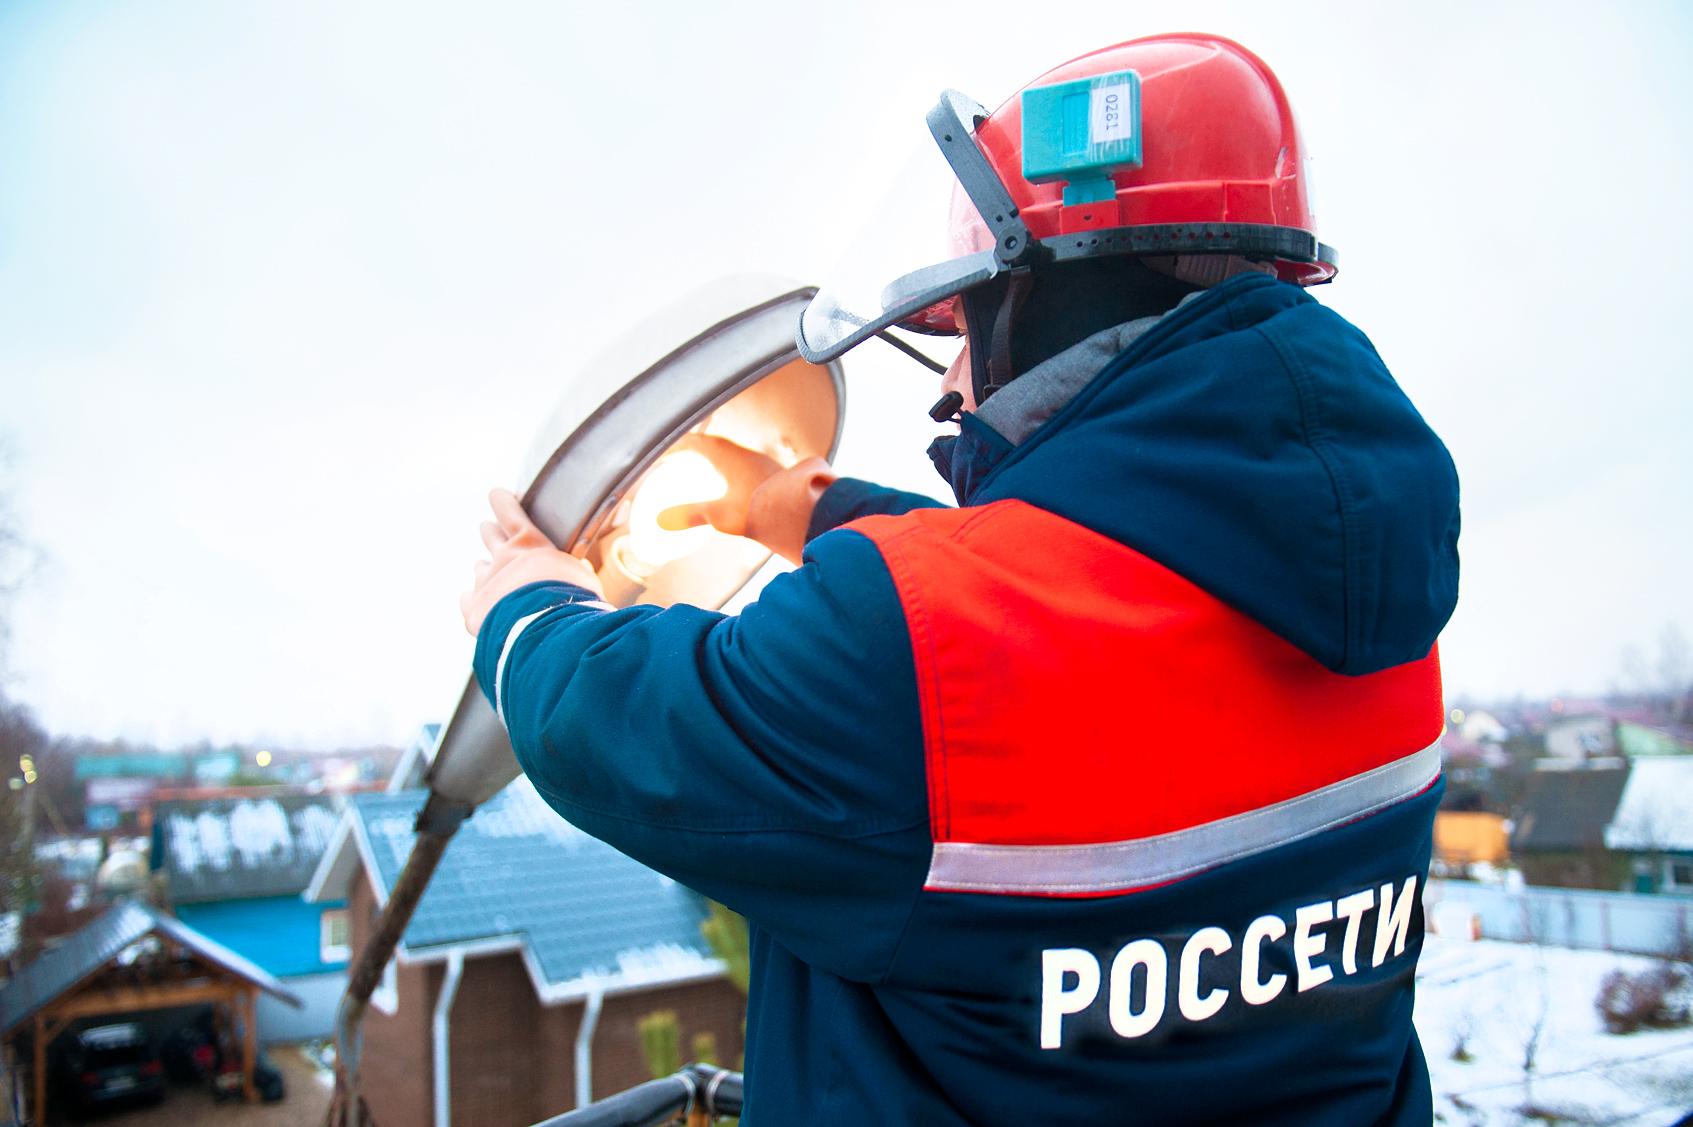 Ярославские энергетики заменили более полутысячи ламп уличного освещения в областном центре